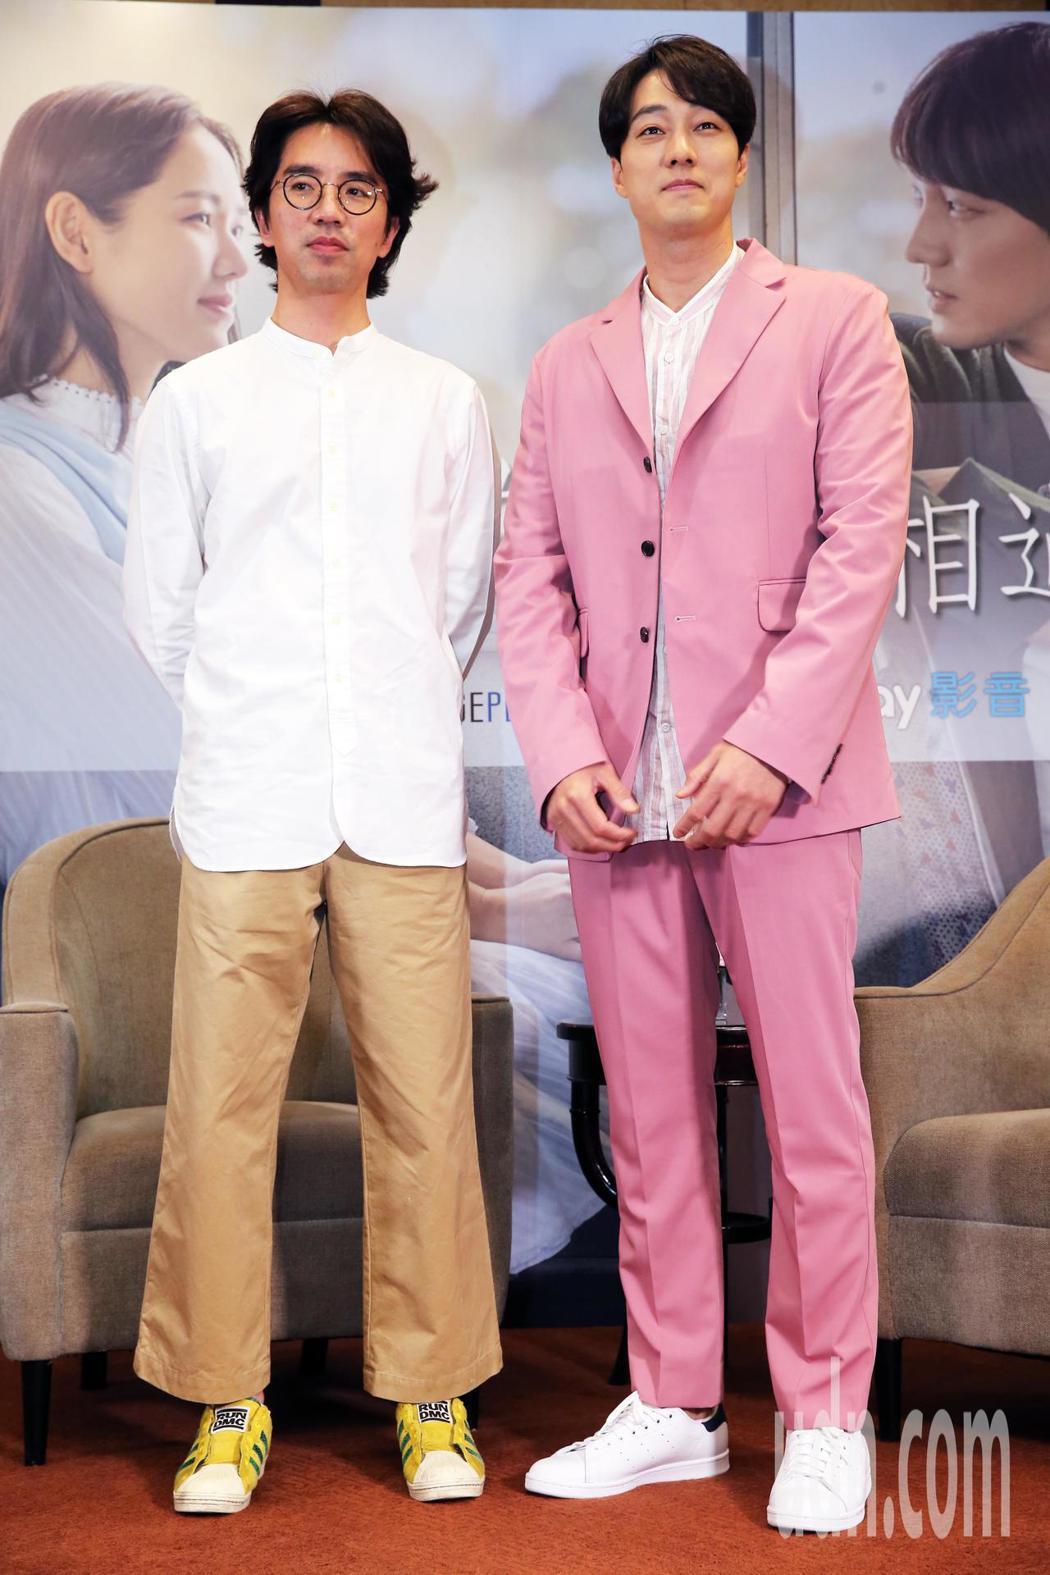 蘇志燮(右)和導演李章焄(左)2人下午一起出席記者會接受媒體聯訪。記者徐兆玄/攝...